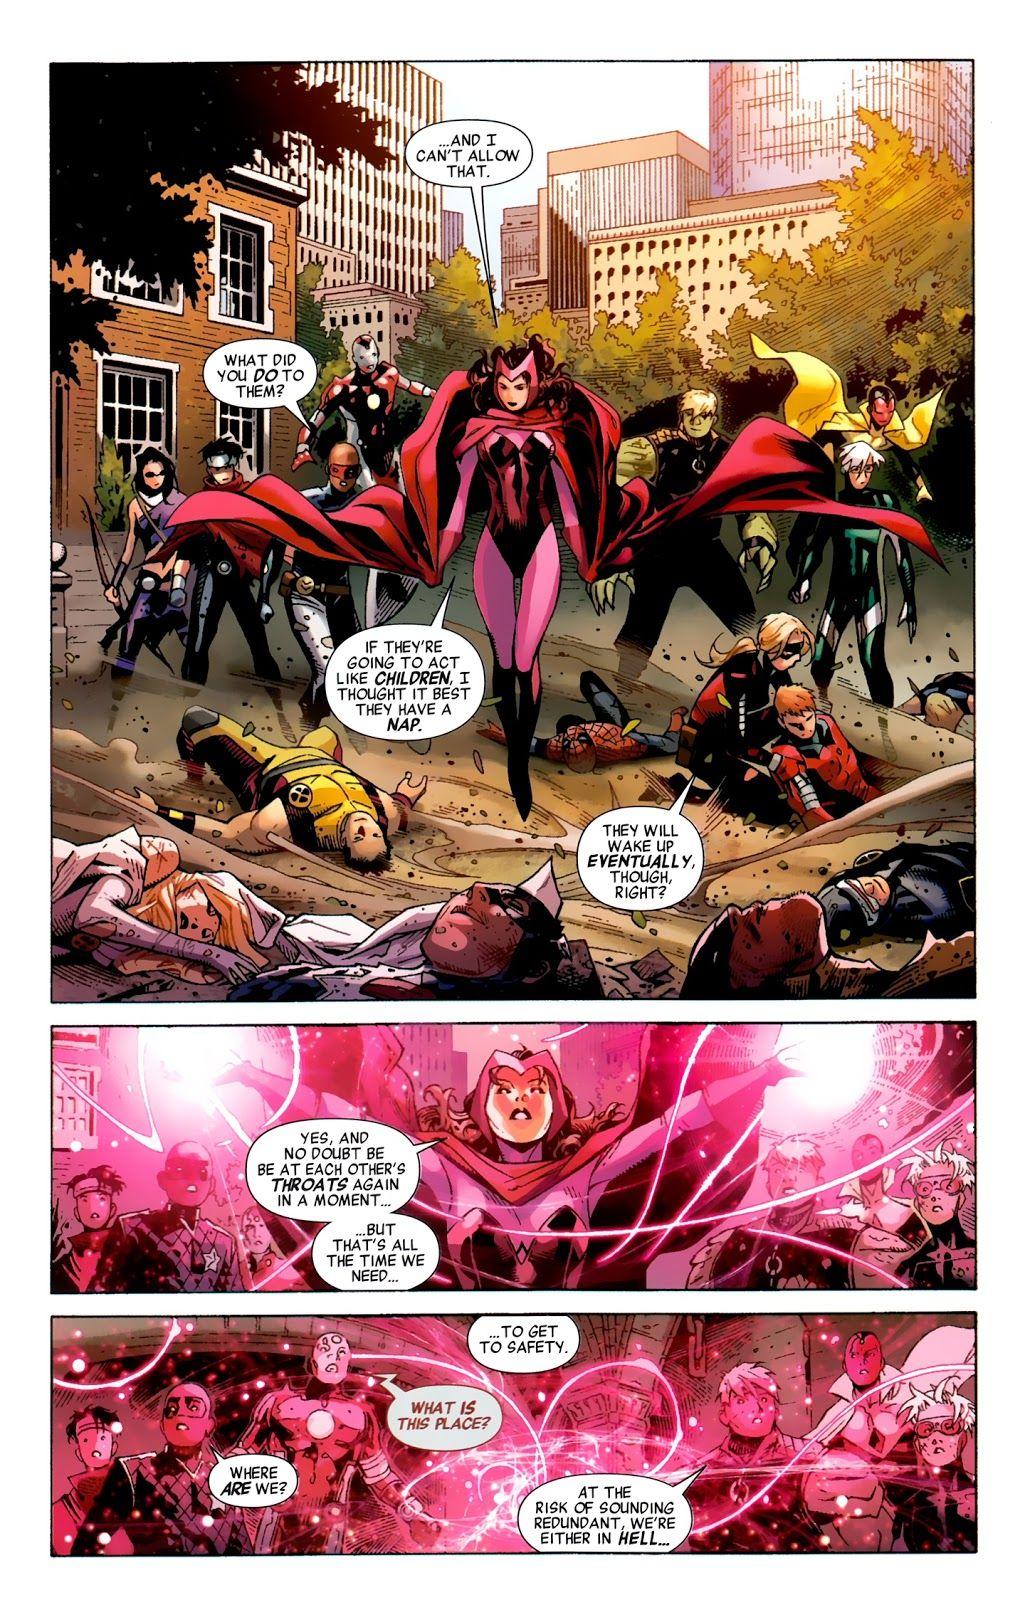 Avengers The Children S Crusade Issue 7 Read Avengers The Children S Crusade Issue 7 Comic Online In High Em 2020 Feiticeira Escarlate Escarlate Memes Engracados